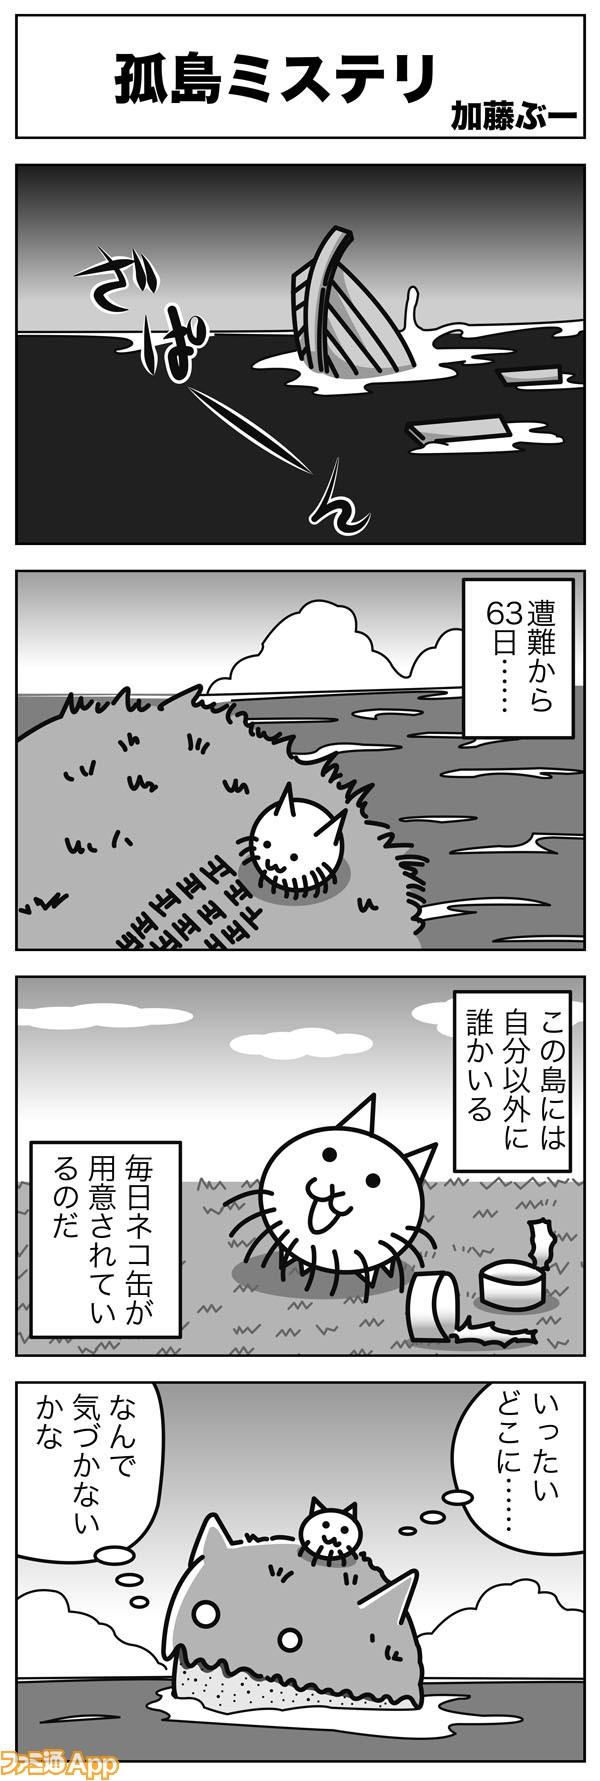 04kato_077